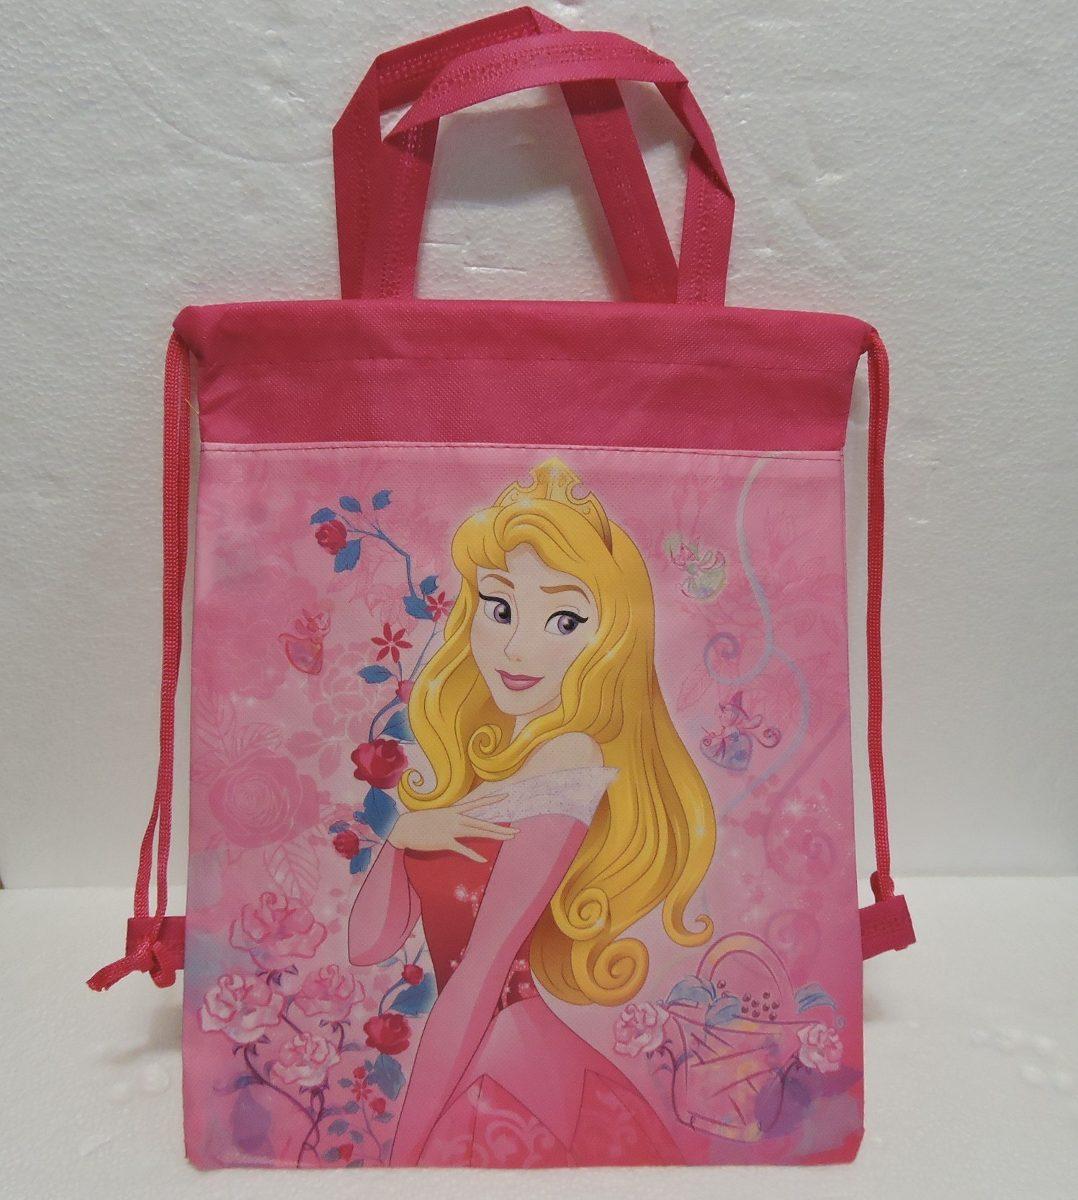 1496010c4 dulceros bolsas princesas 30 fiestas aurora regalos recuerd. Cargando zoom.